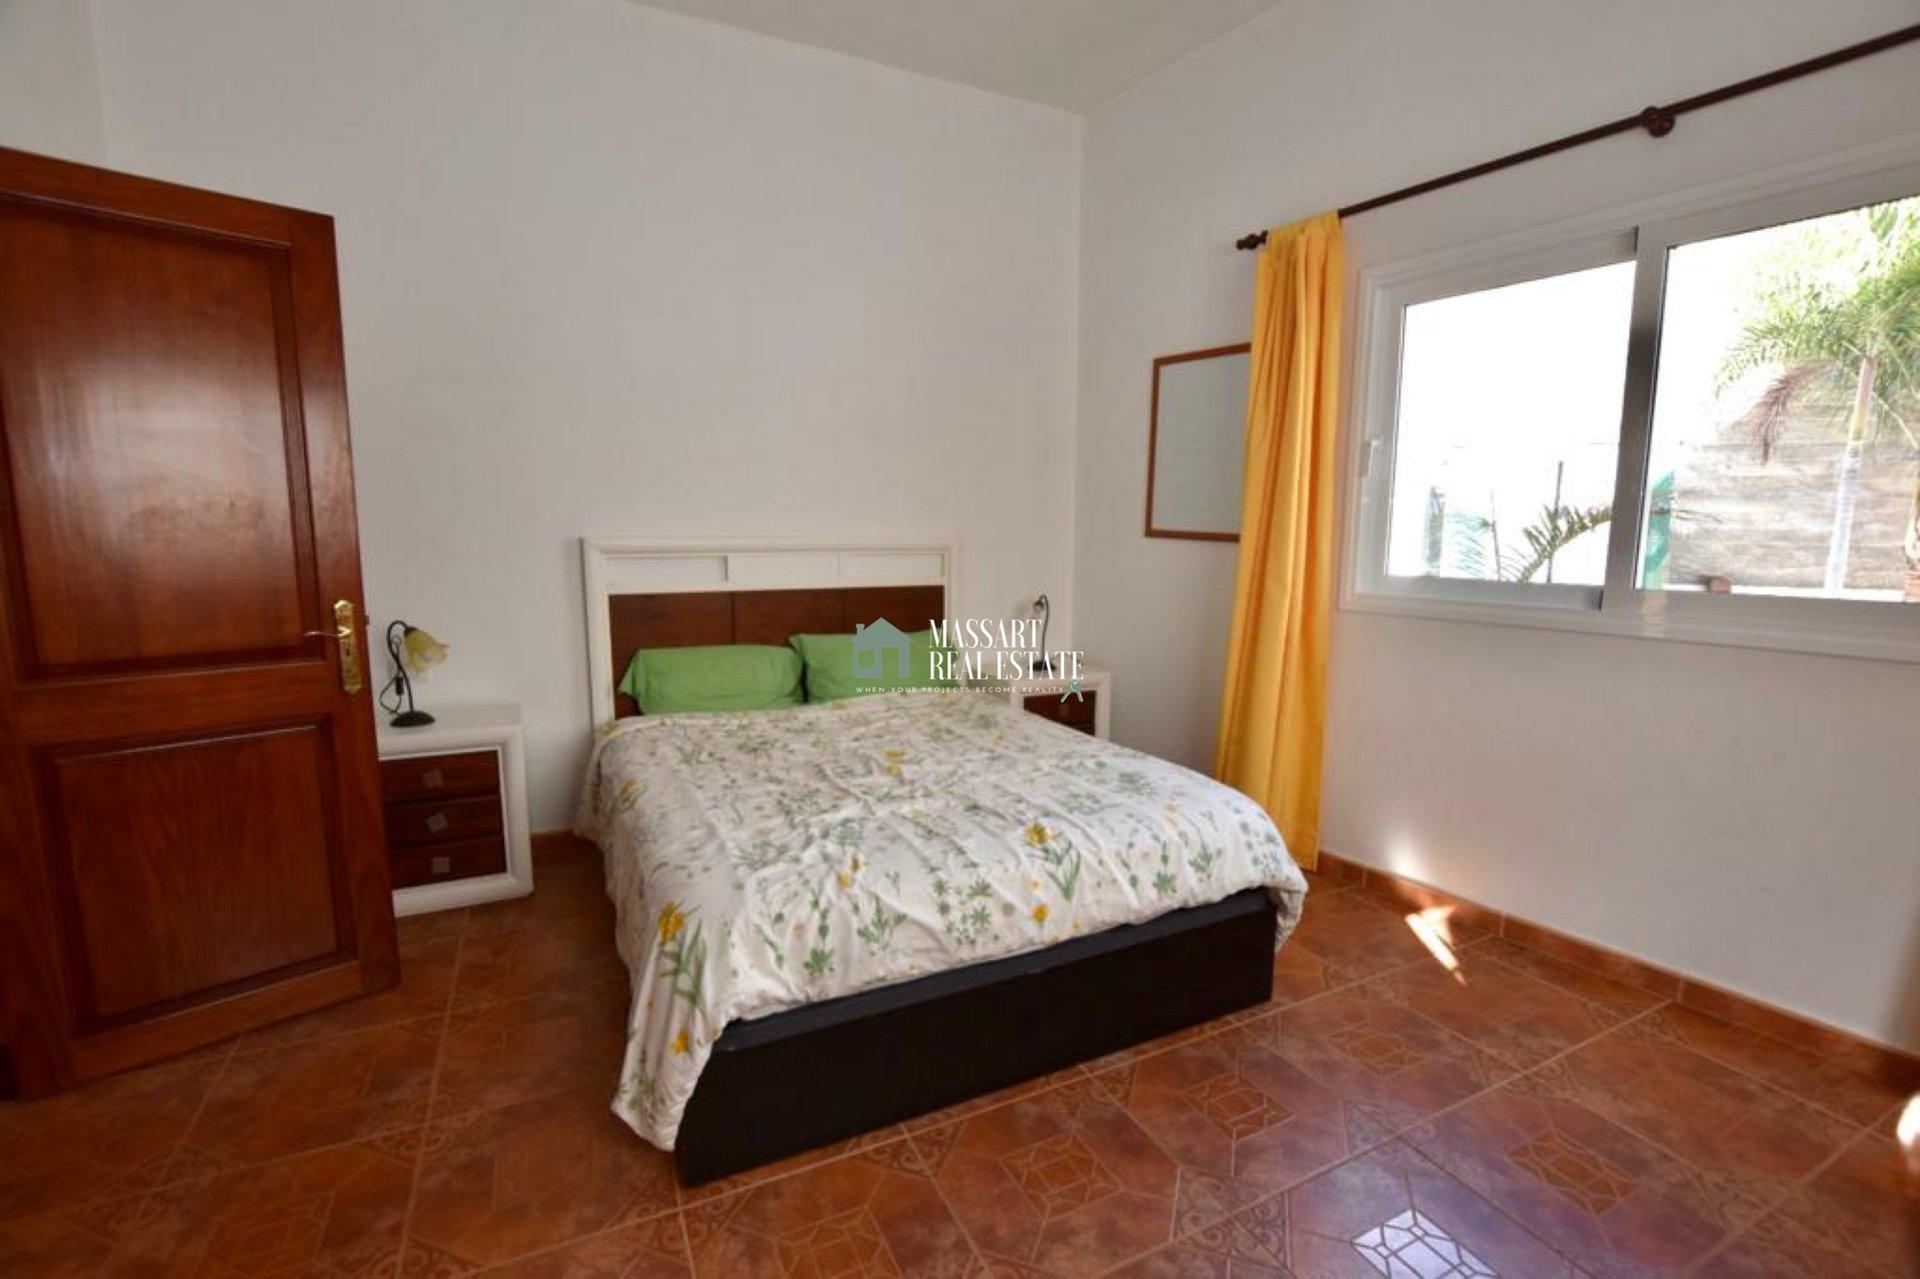 Te presentamos hoy estas viviendas completas e independientes ubicadas en una parcela de 700 m2 en un entorno de absoluta tranquilidad en Granadilla de Abona.